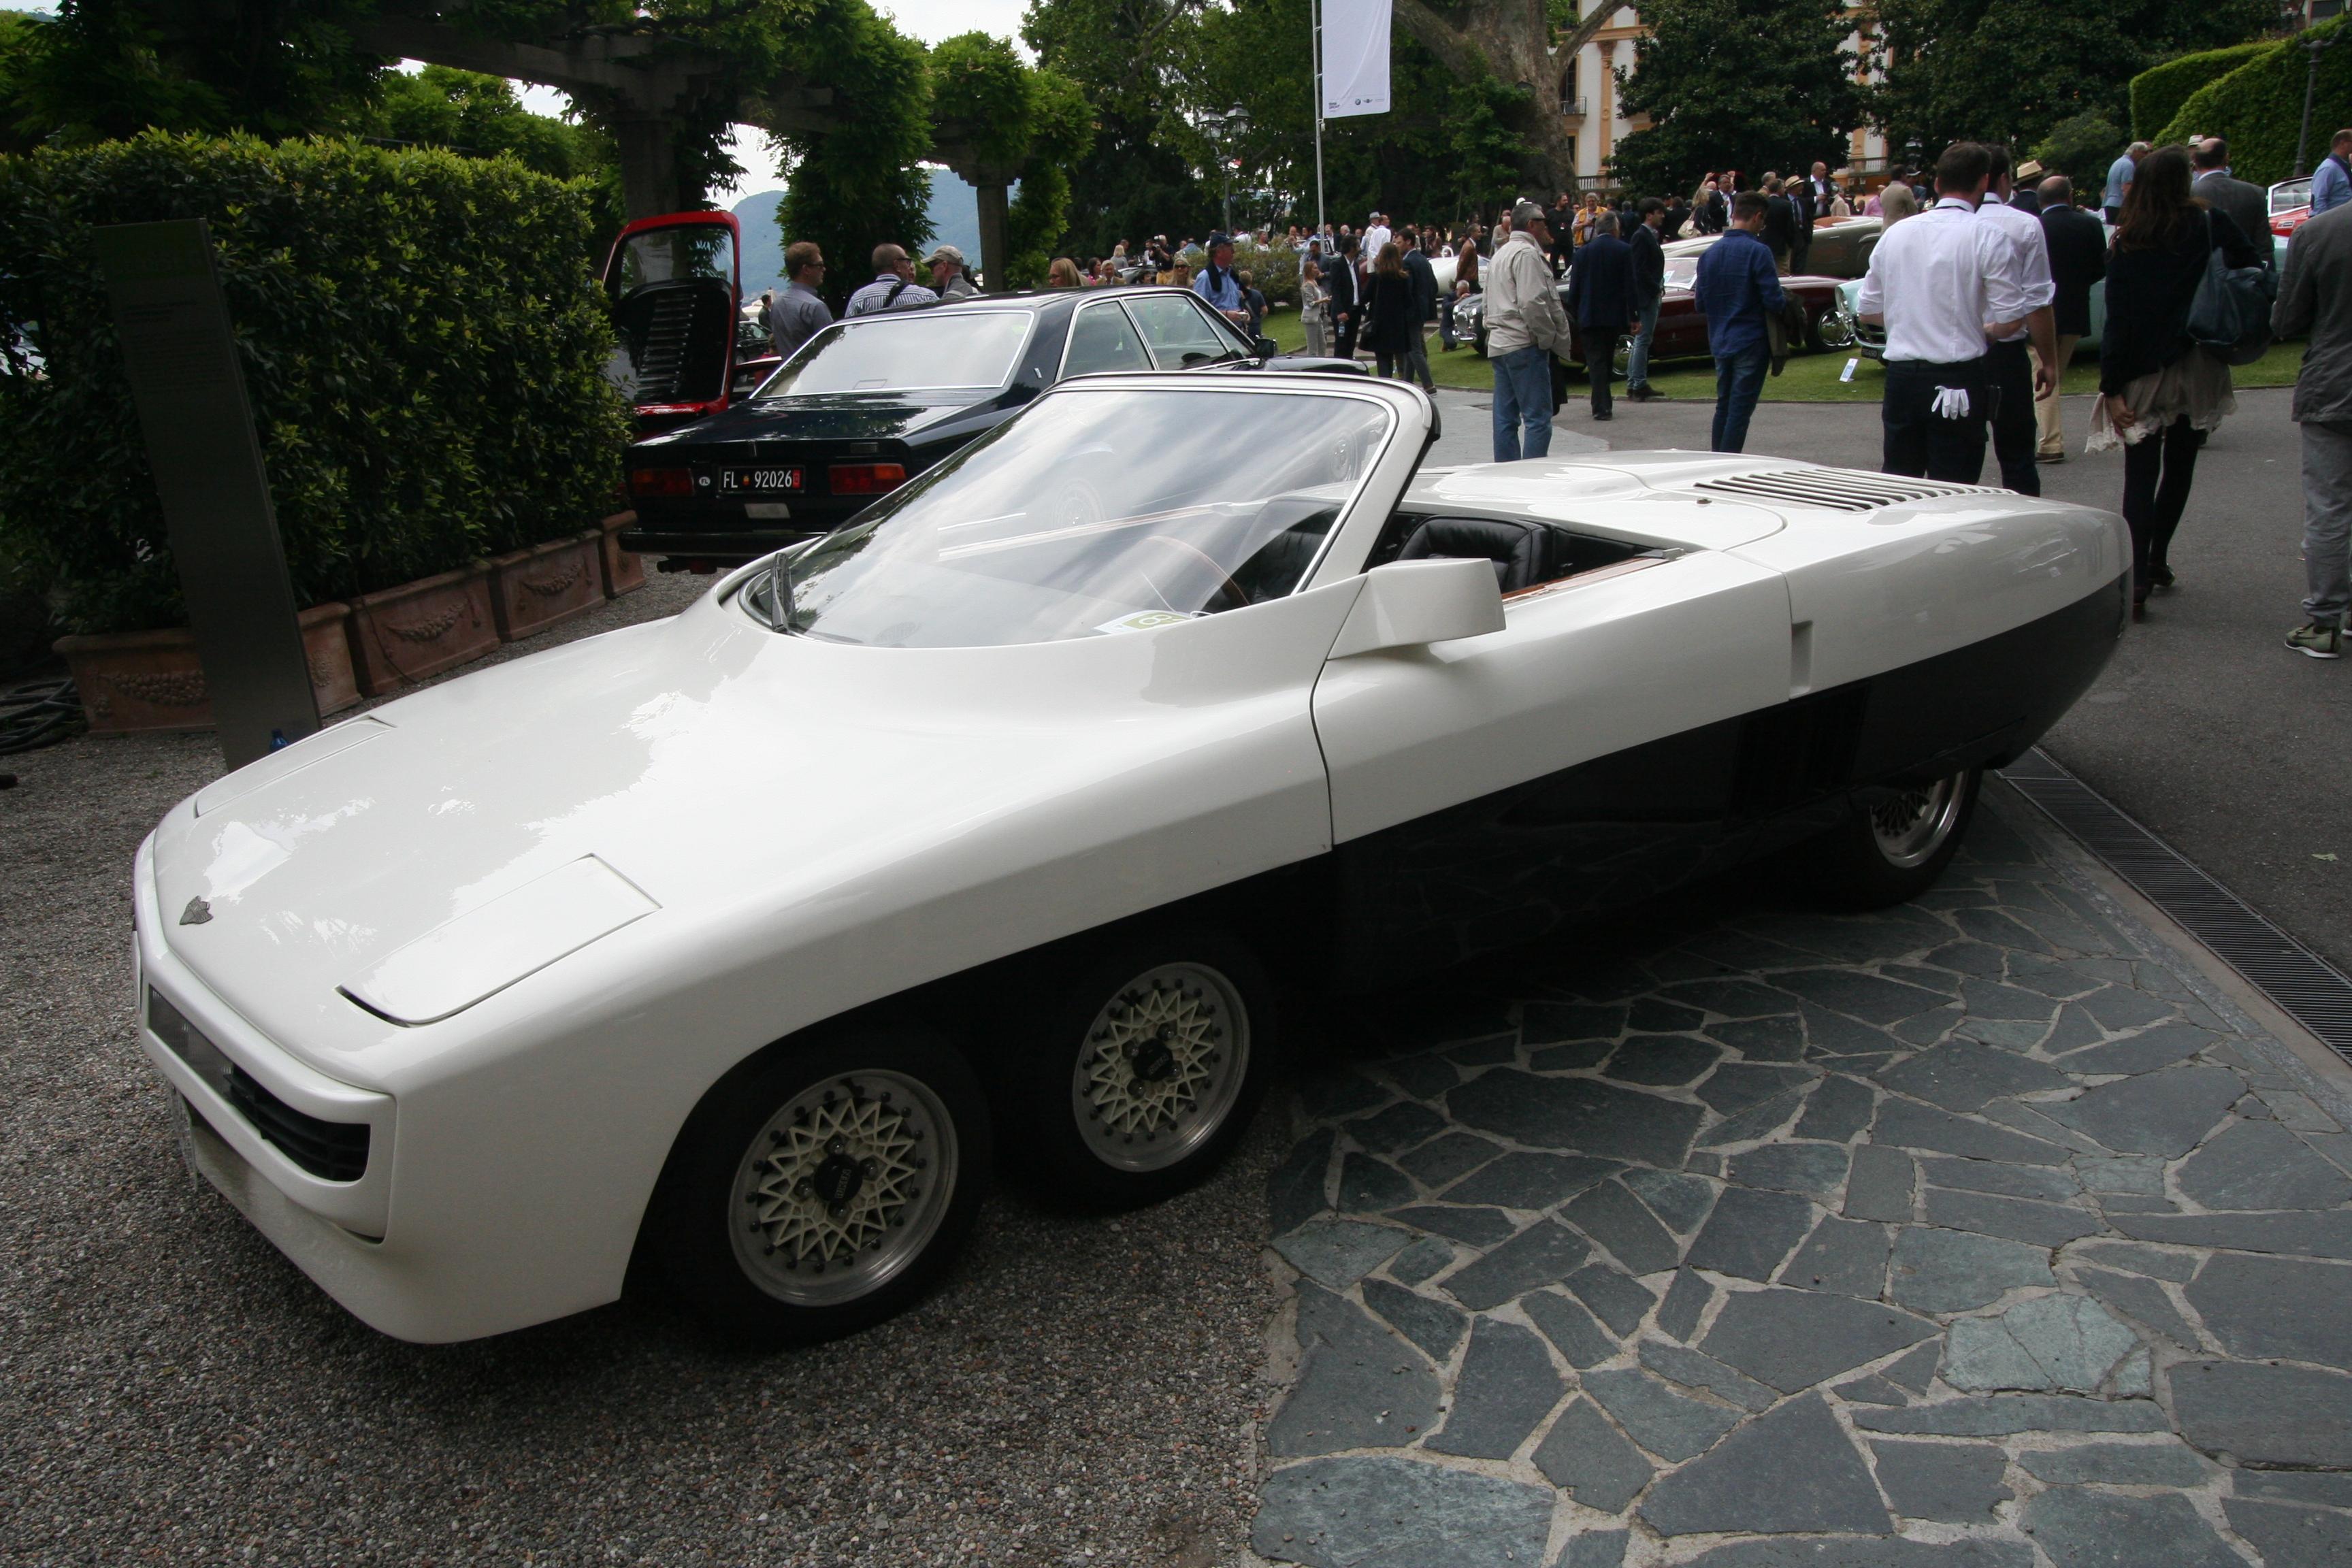 En superbil man svært sjelden får oppleve. Kun to eksemplarer ble bygget, og den ene har vært stuet bort i midt-østen i 25 år.